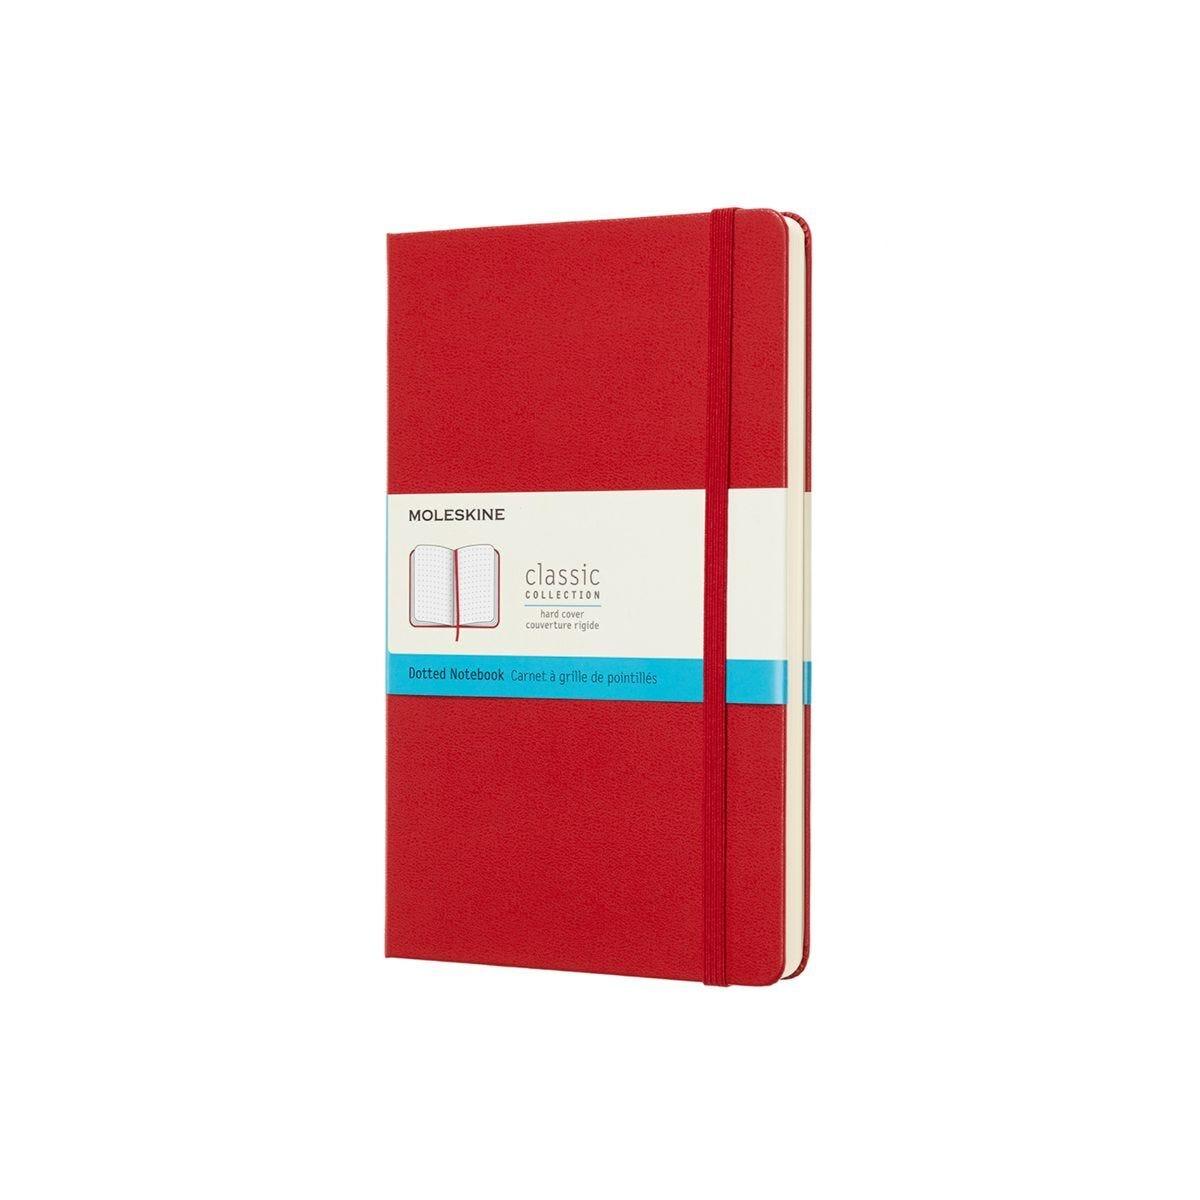 Moleskine Dotted Notebook Hardcover Large Scarlet